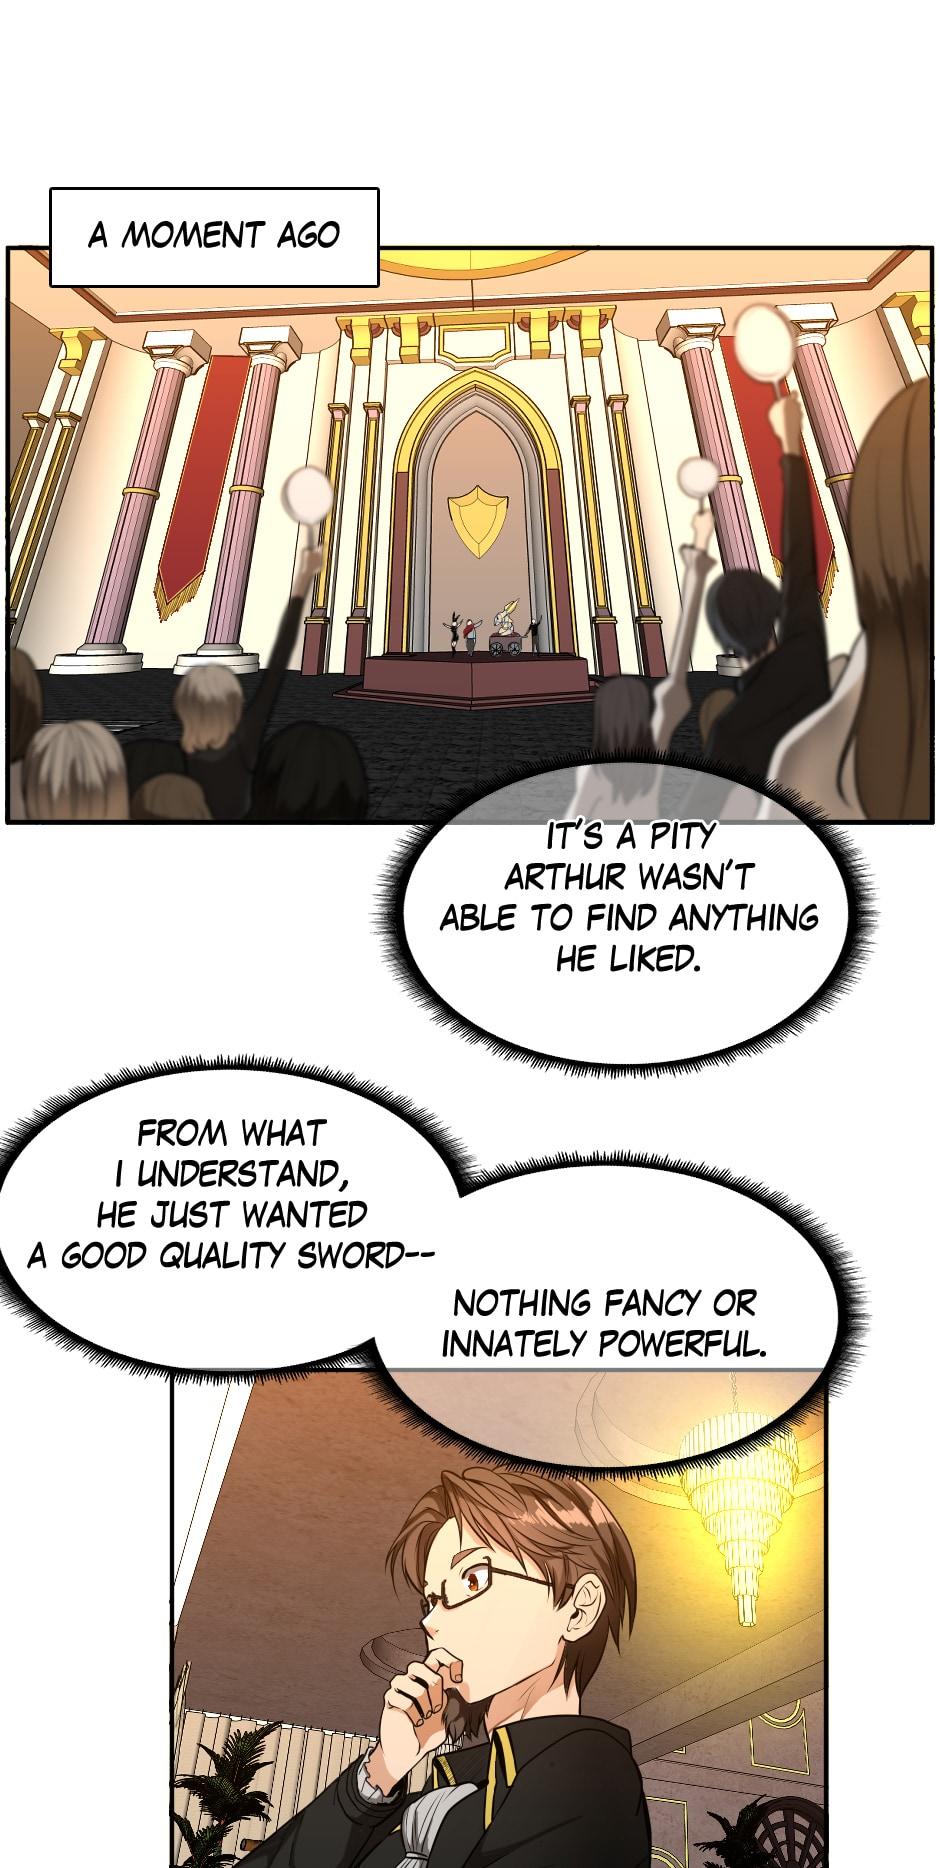 https://manga.mangadogs.com/comics/pic2/28/33244/973135/509421719867b607d48a0a1b0ae35c89.jpg Page 1